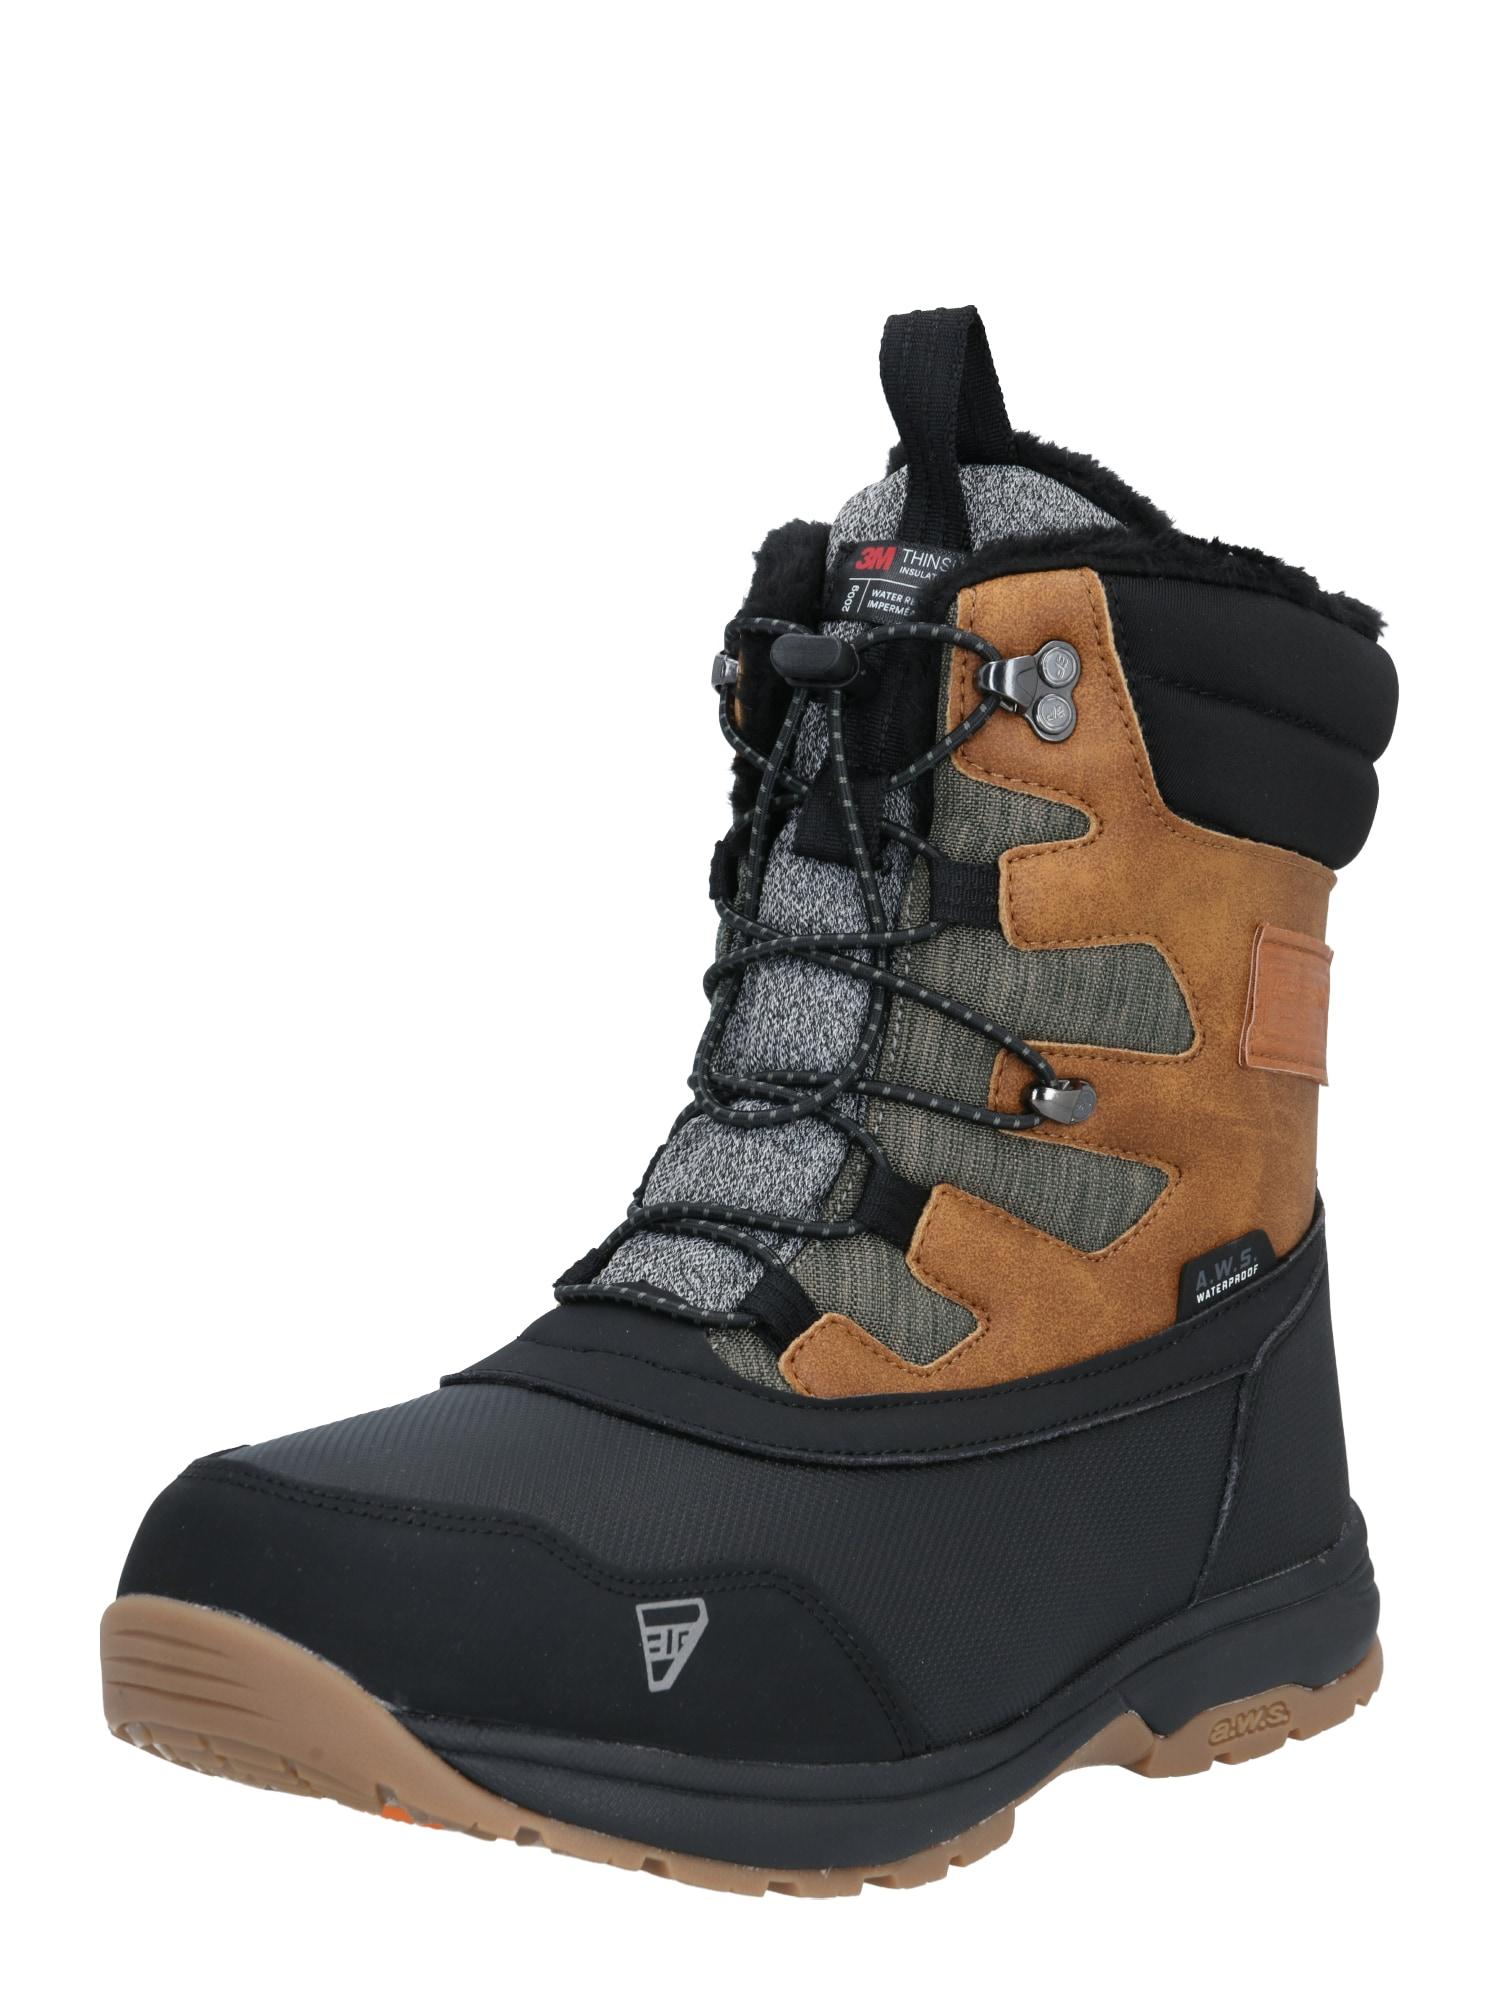 ICEPEAK Auliniai batai ruda / juoda / margai pilka